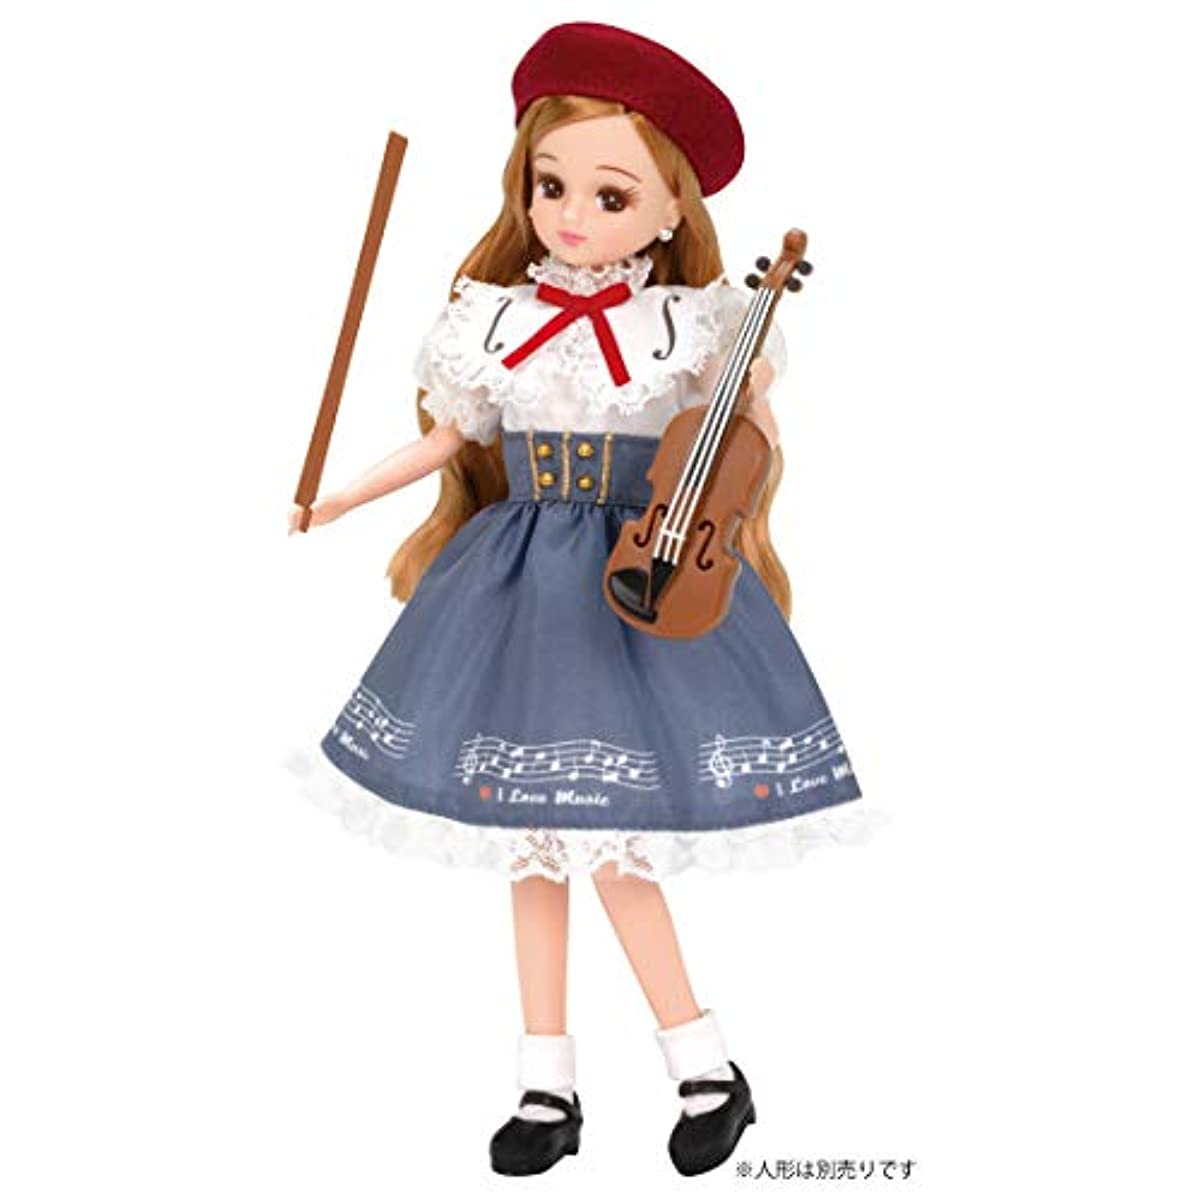 [해외] [예약]리카짱 드레스 LW-19 바이올린 레슨